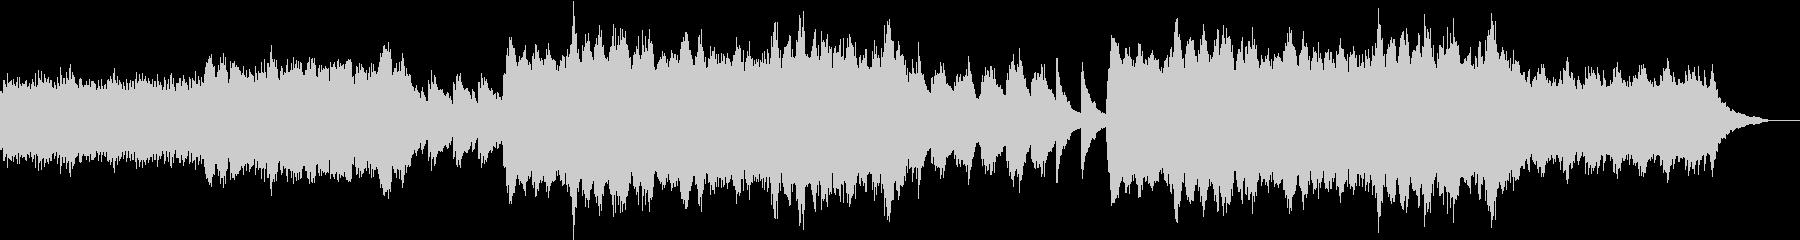 ピアノ+バイオリン ノスタルジックの未再生の波形